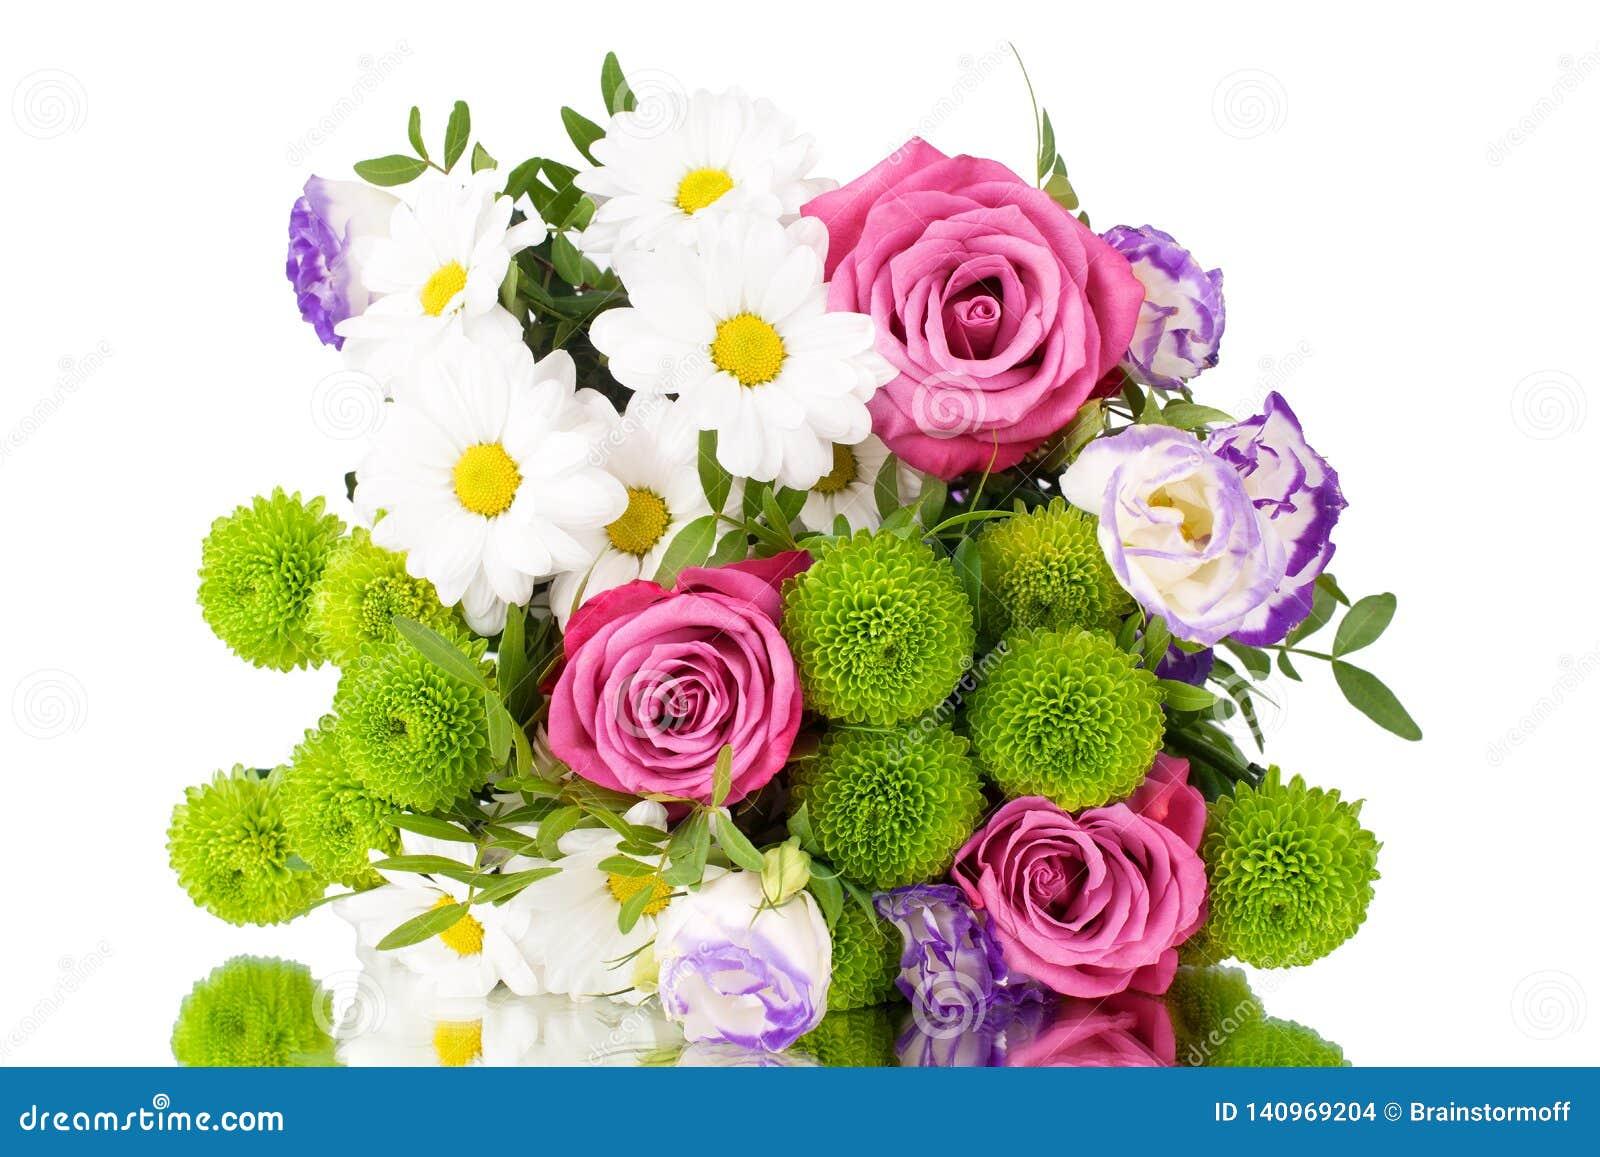 Букет роз цветков розовых, белых хризантем с зелеными листьями на белой конце изолированном предпосылкой вверх